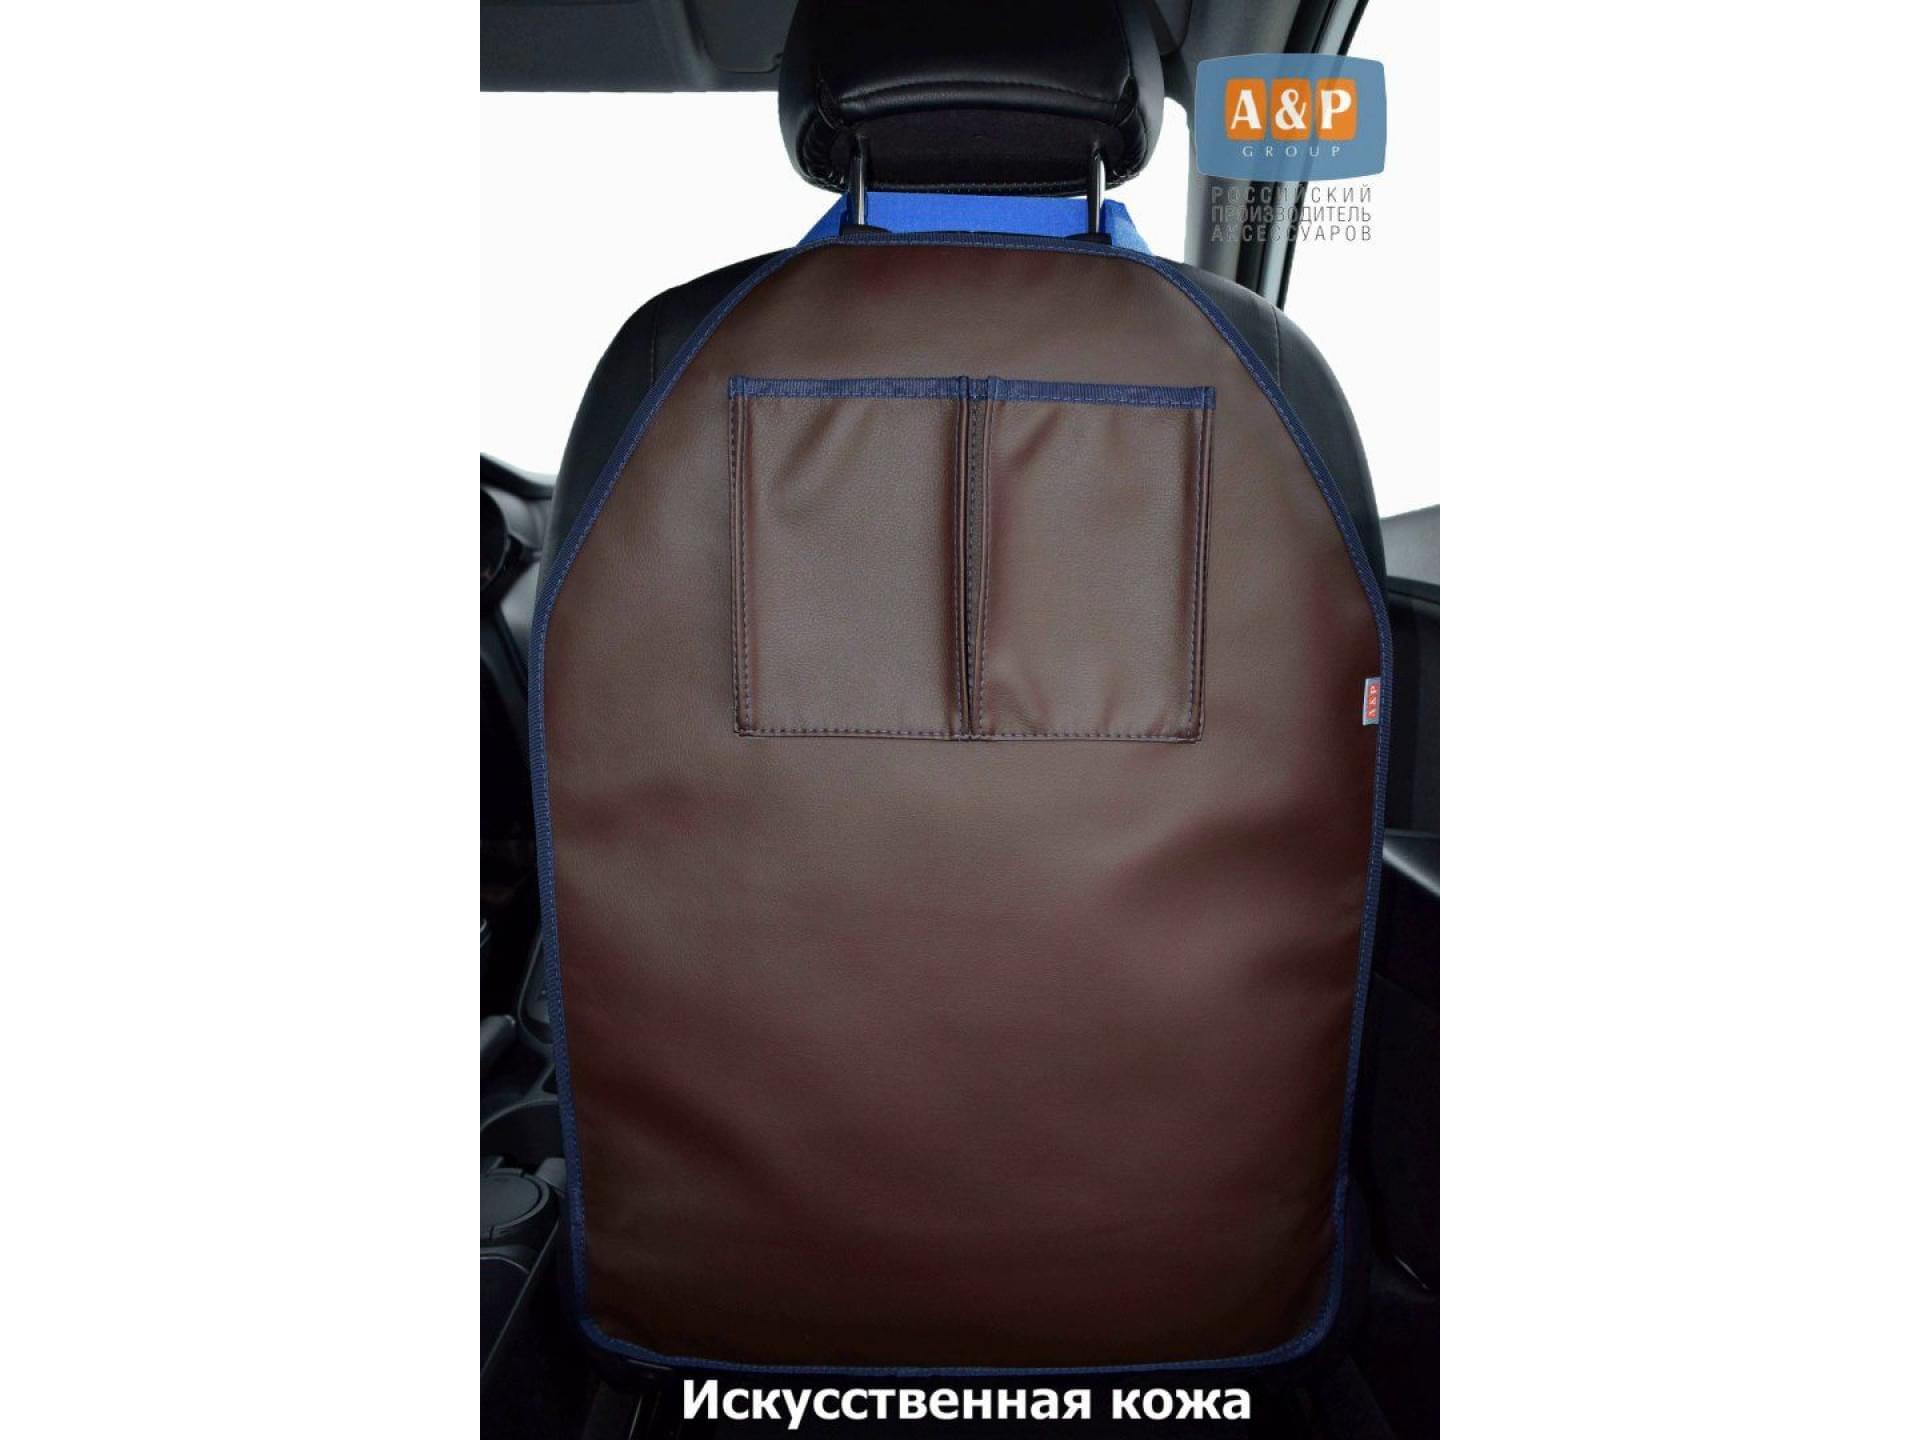 Защитная накидка (чехол) на спинку автомобильного сиденья с карманами. Искусственная кожа.